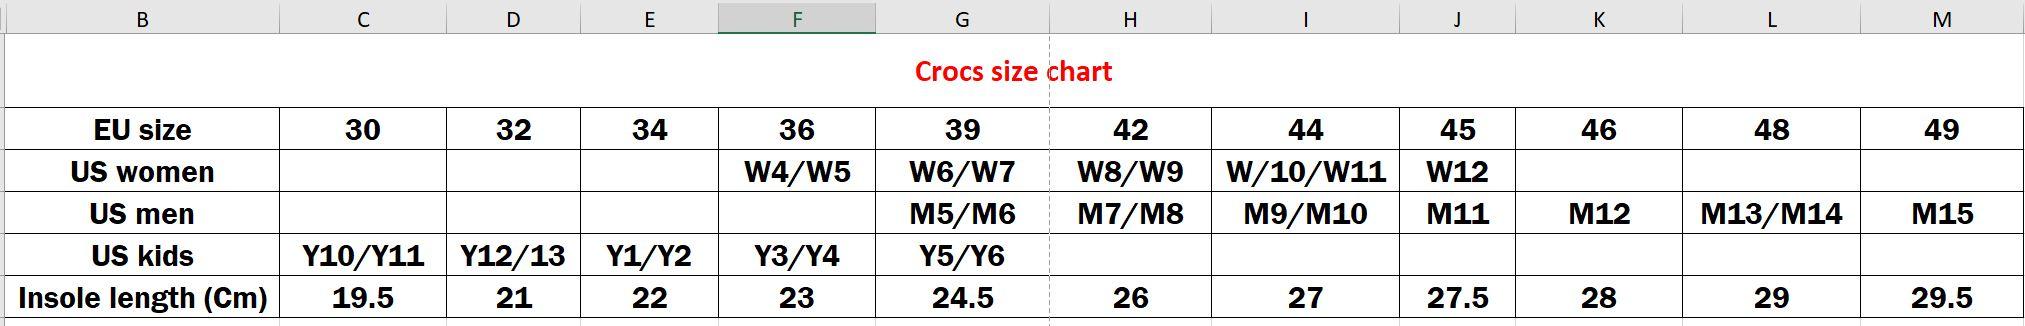 crocs-size-chart